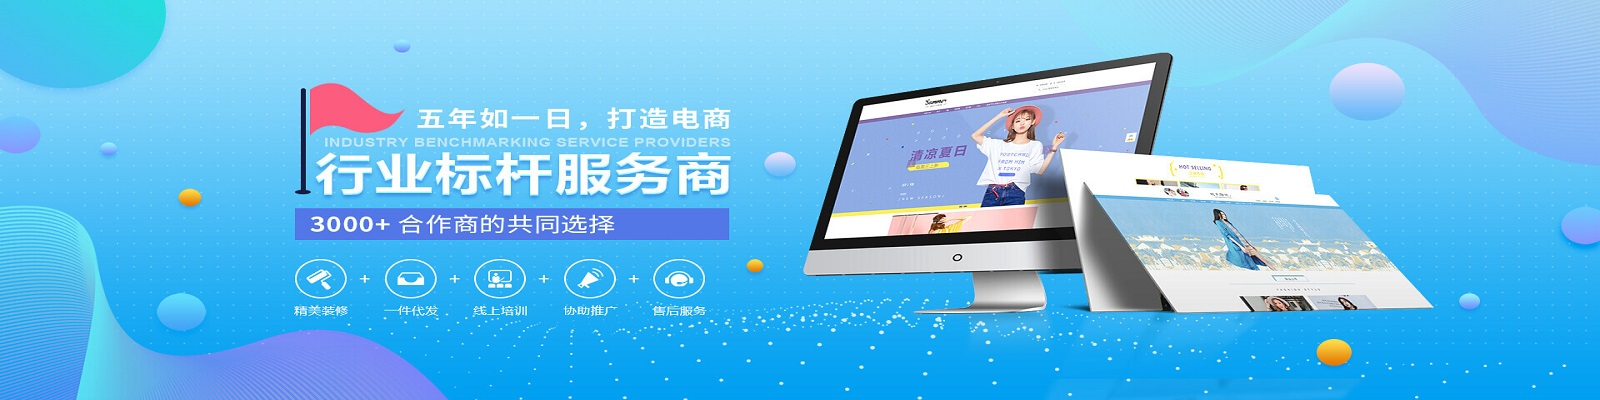 深圳市鑫帮电子商务有限公司